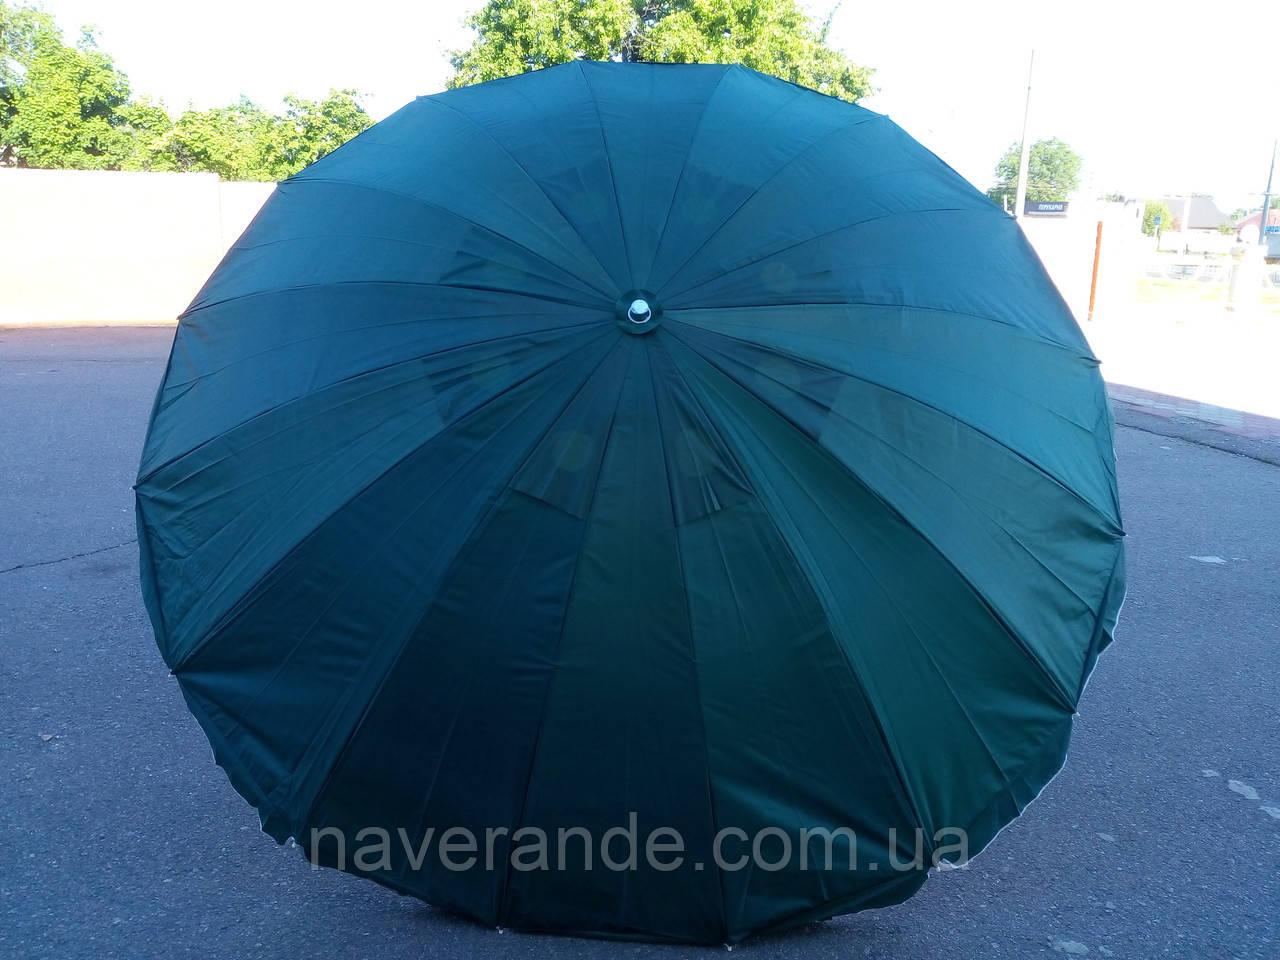 Круглый пляжный зонт 16 спиц (однотонный D 3 м, с клапаном)